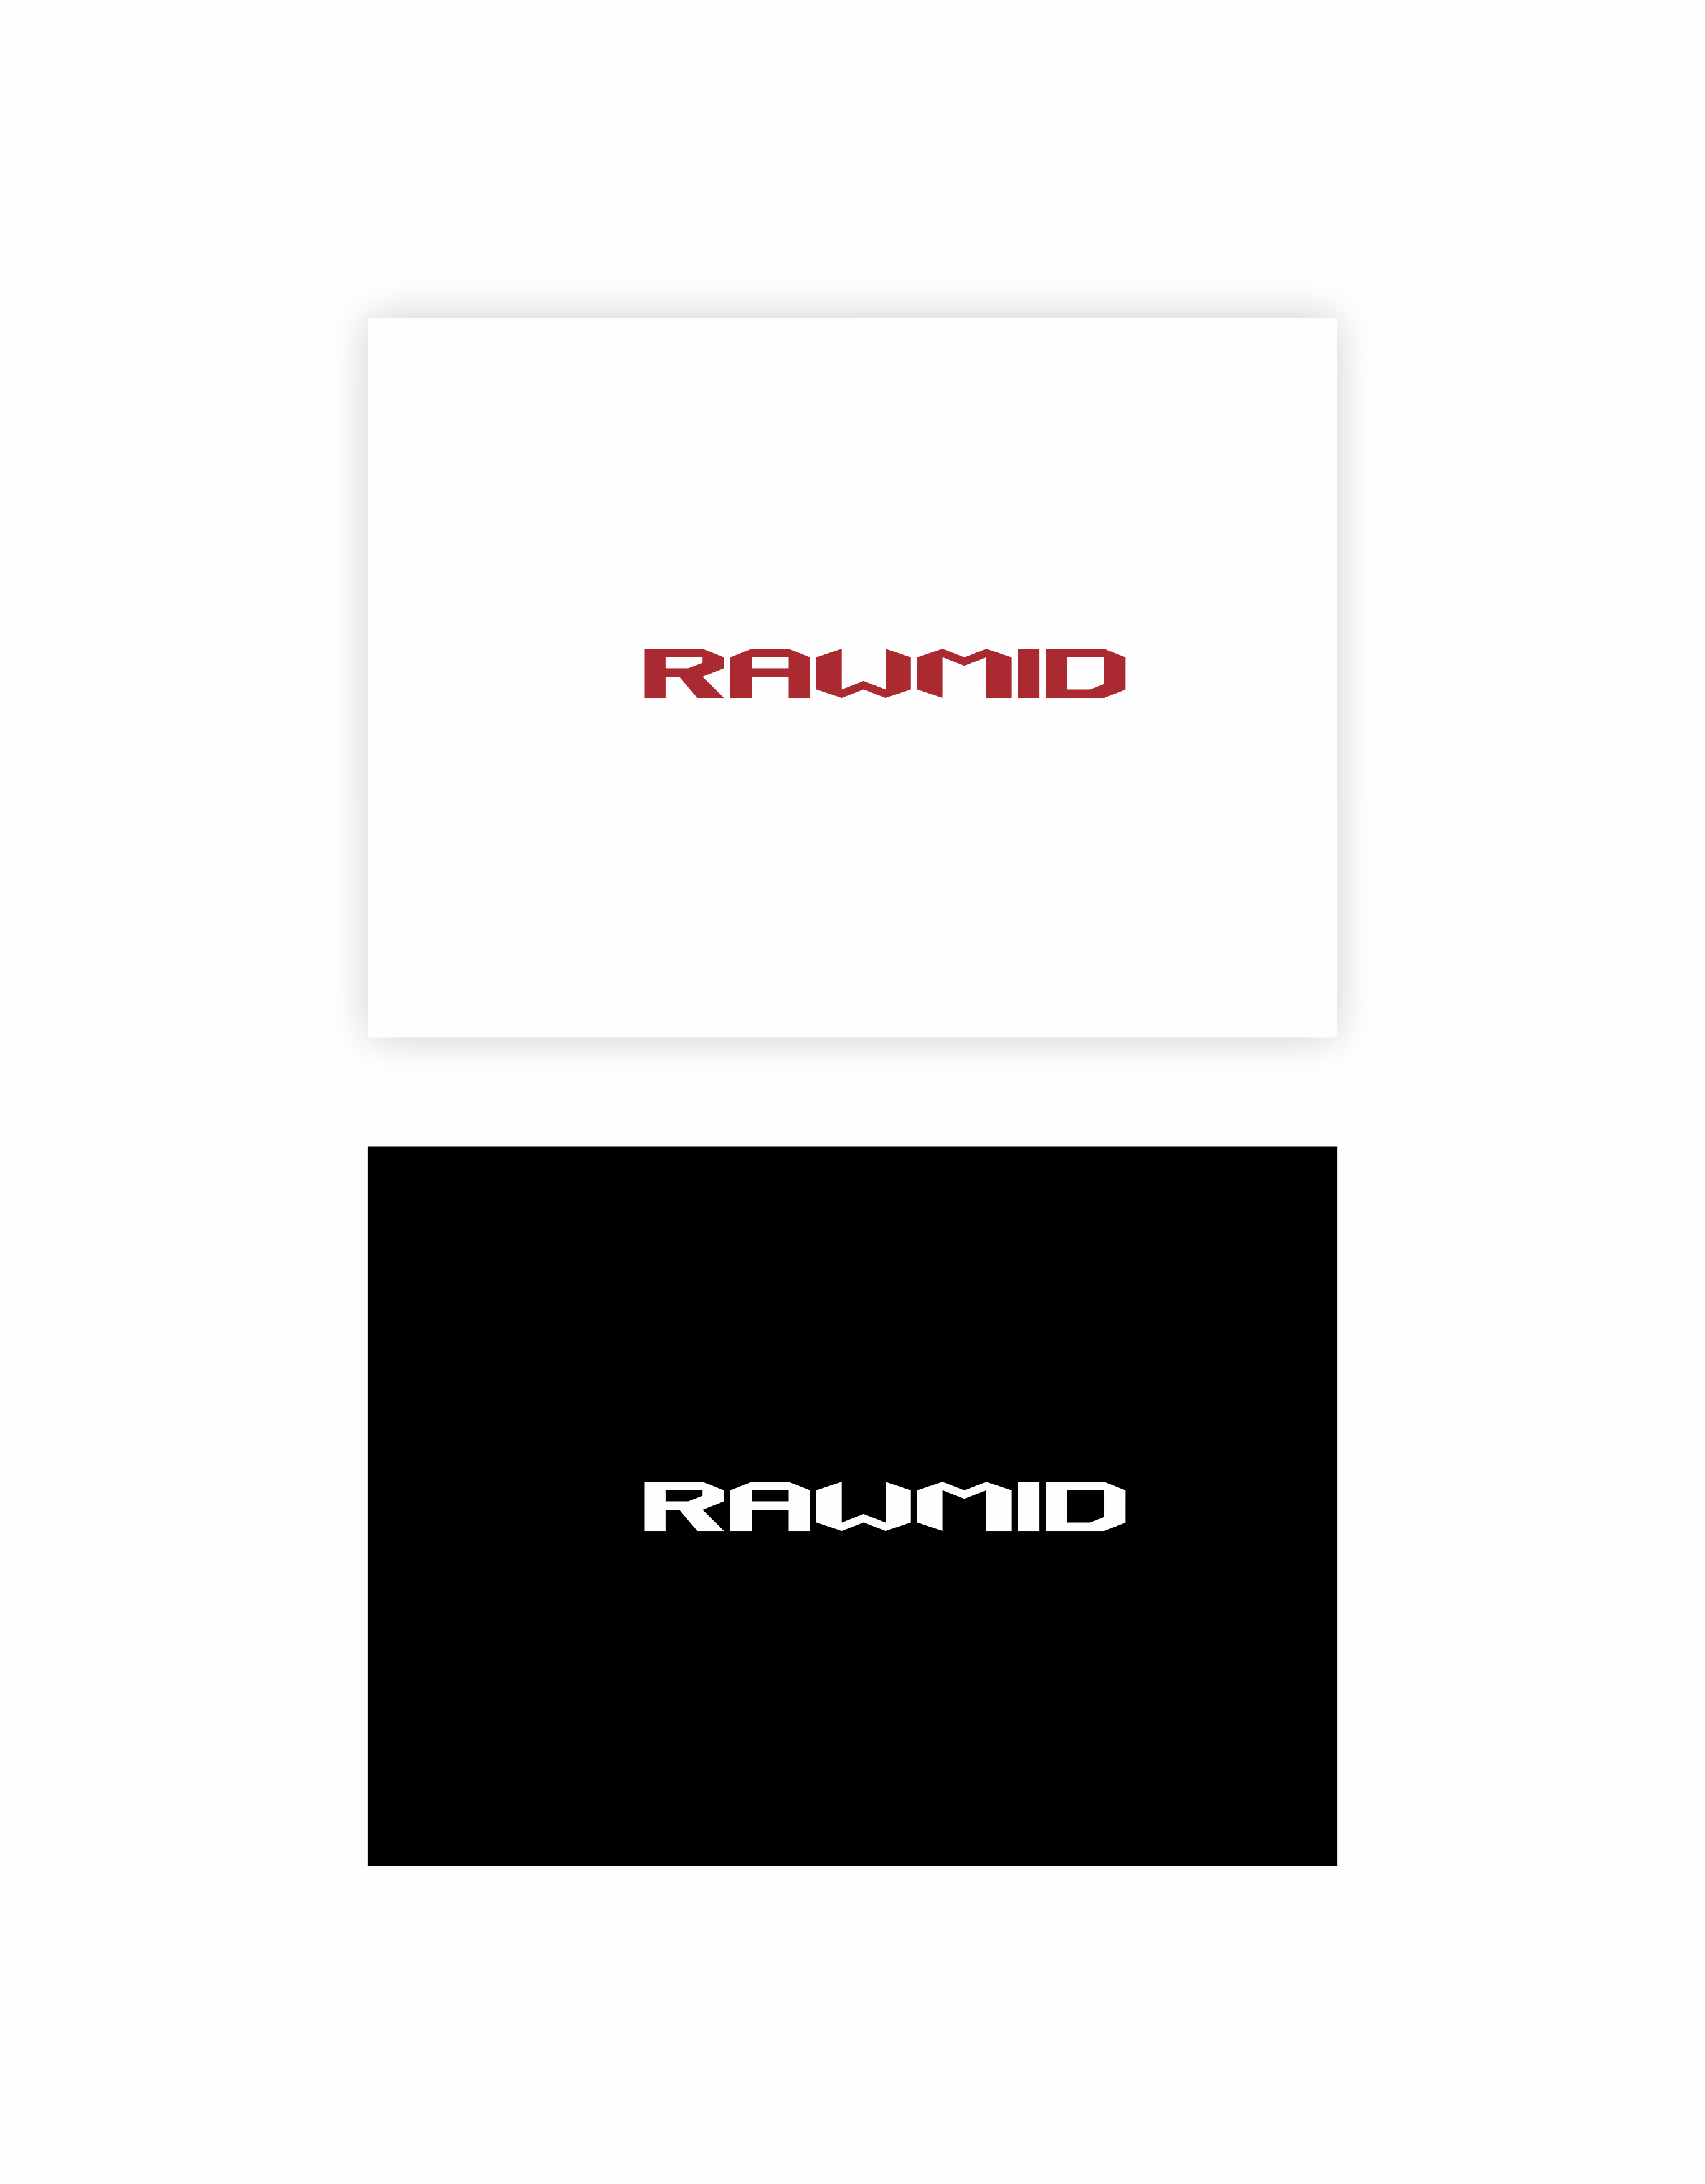 Создать логотип (буквенная часть) для бренда бытовой техники фото f_6415b3a0f2a486c5.png